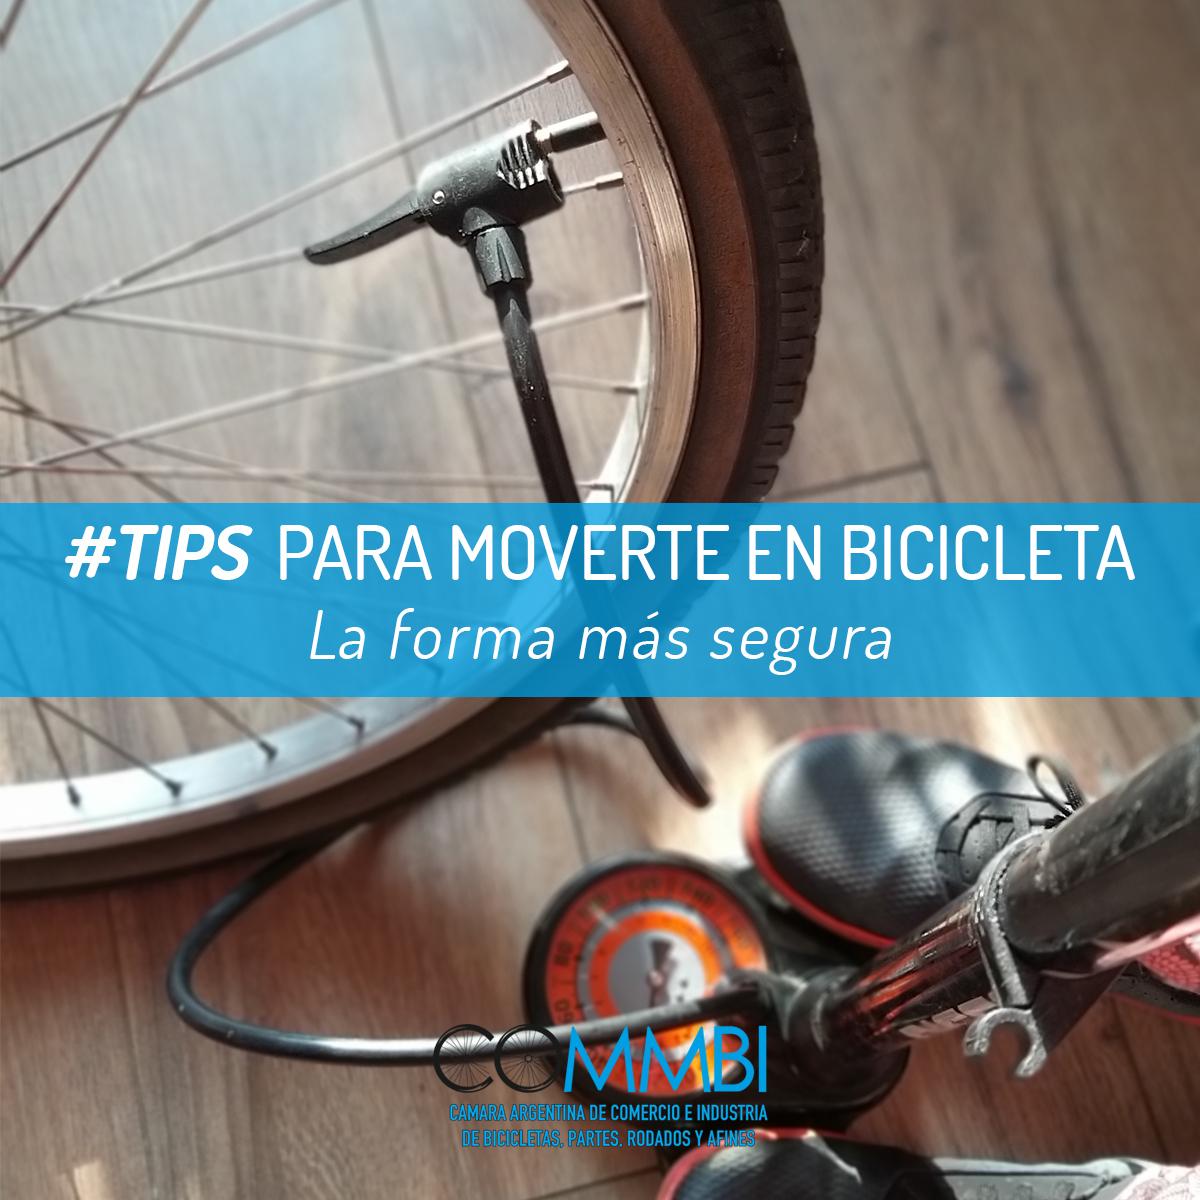 TIPS para moverte en bicicleta: INFLADOR